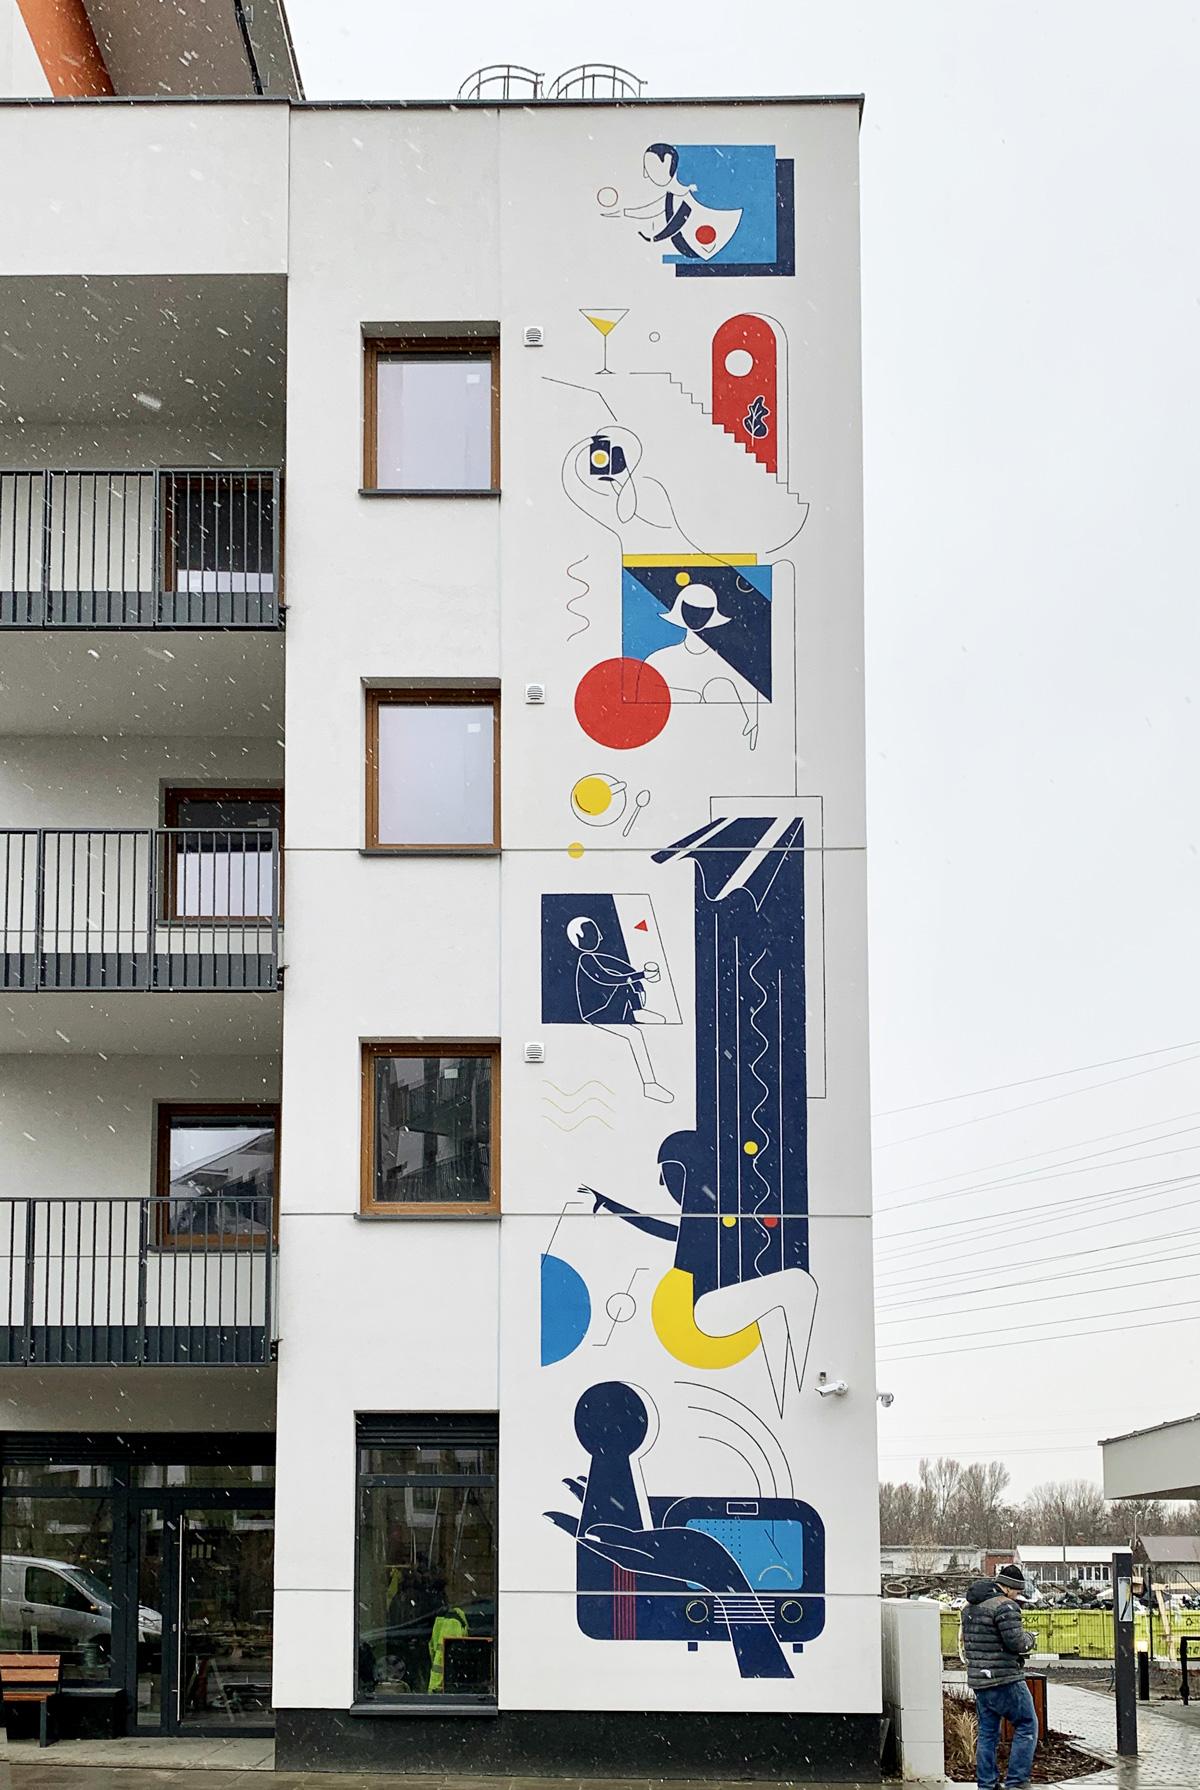 Elewacja budynku, Osiedle Stacja Grochów, Dom Development